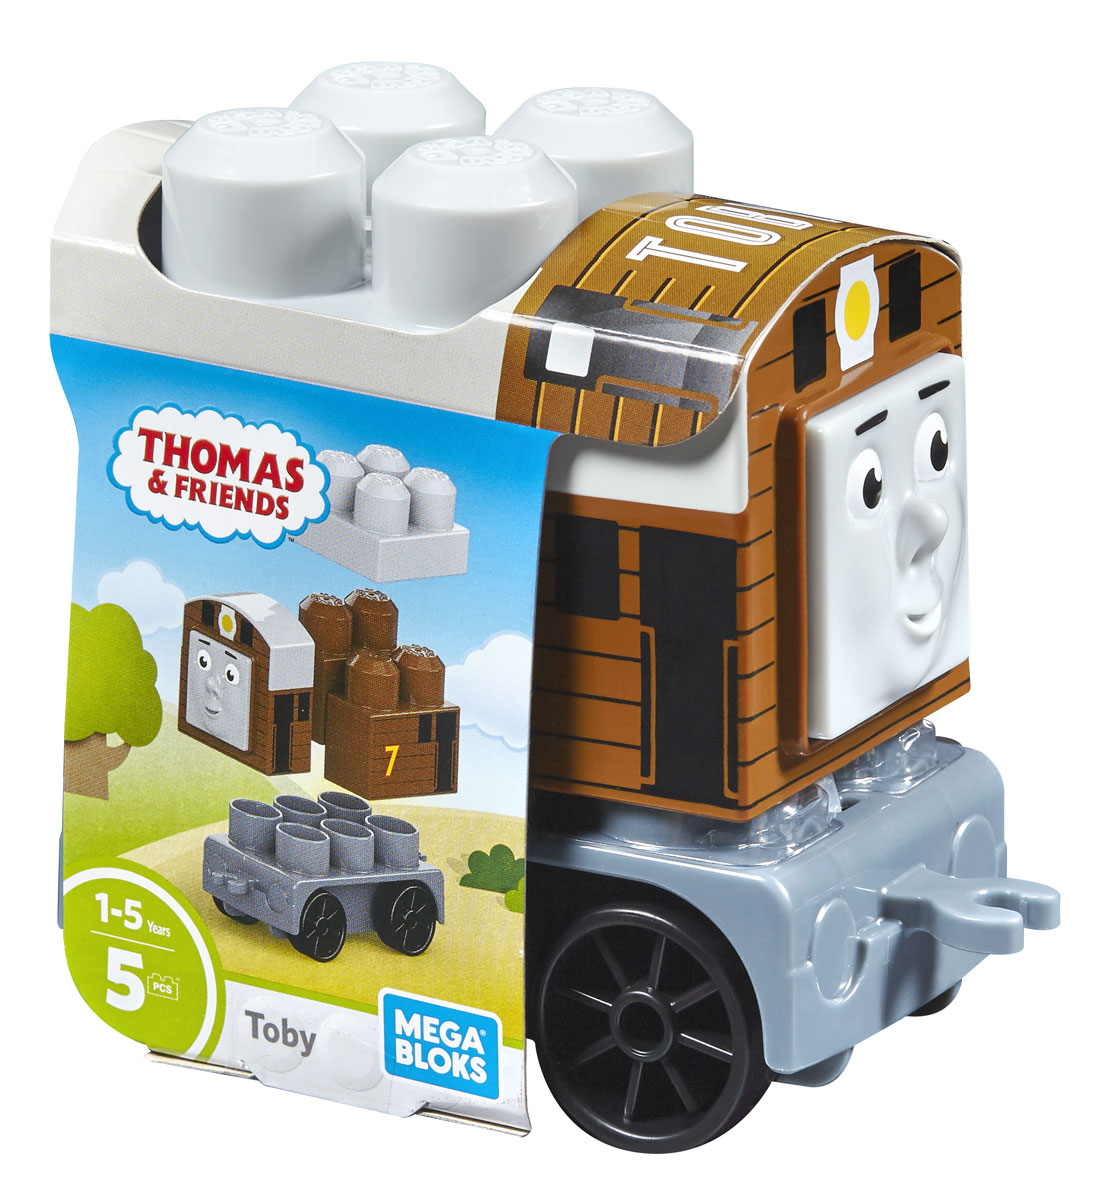 Mega Bloks Thomas & Friends Конструктор Паровозик Тоби конструкторы mega bloks томас и друзья томас и гарольд